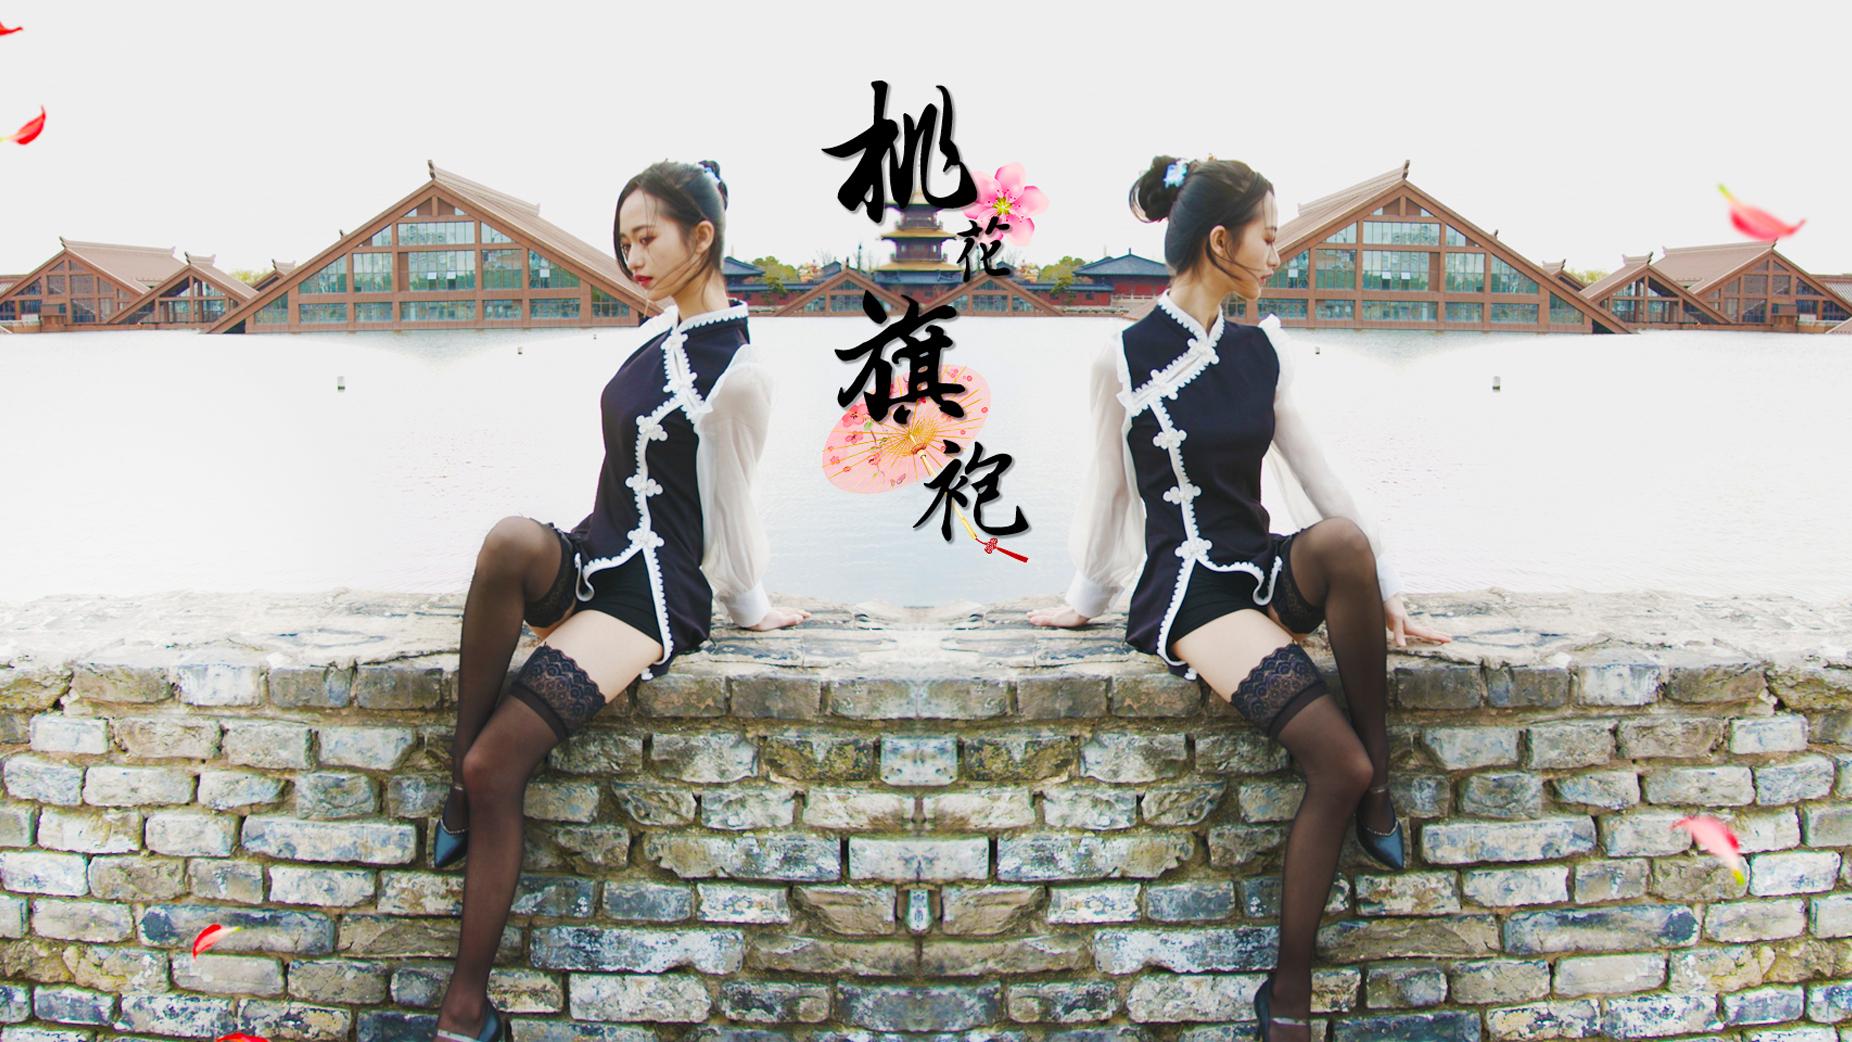 【沐年】桃花旗袍❀ 黑丝在掉的边缘疯狂试探